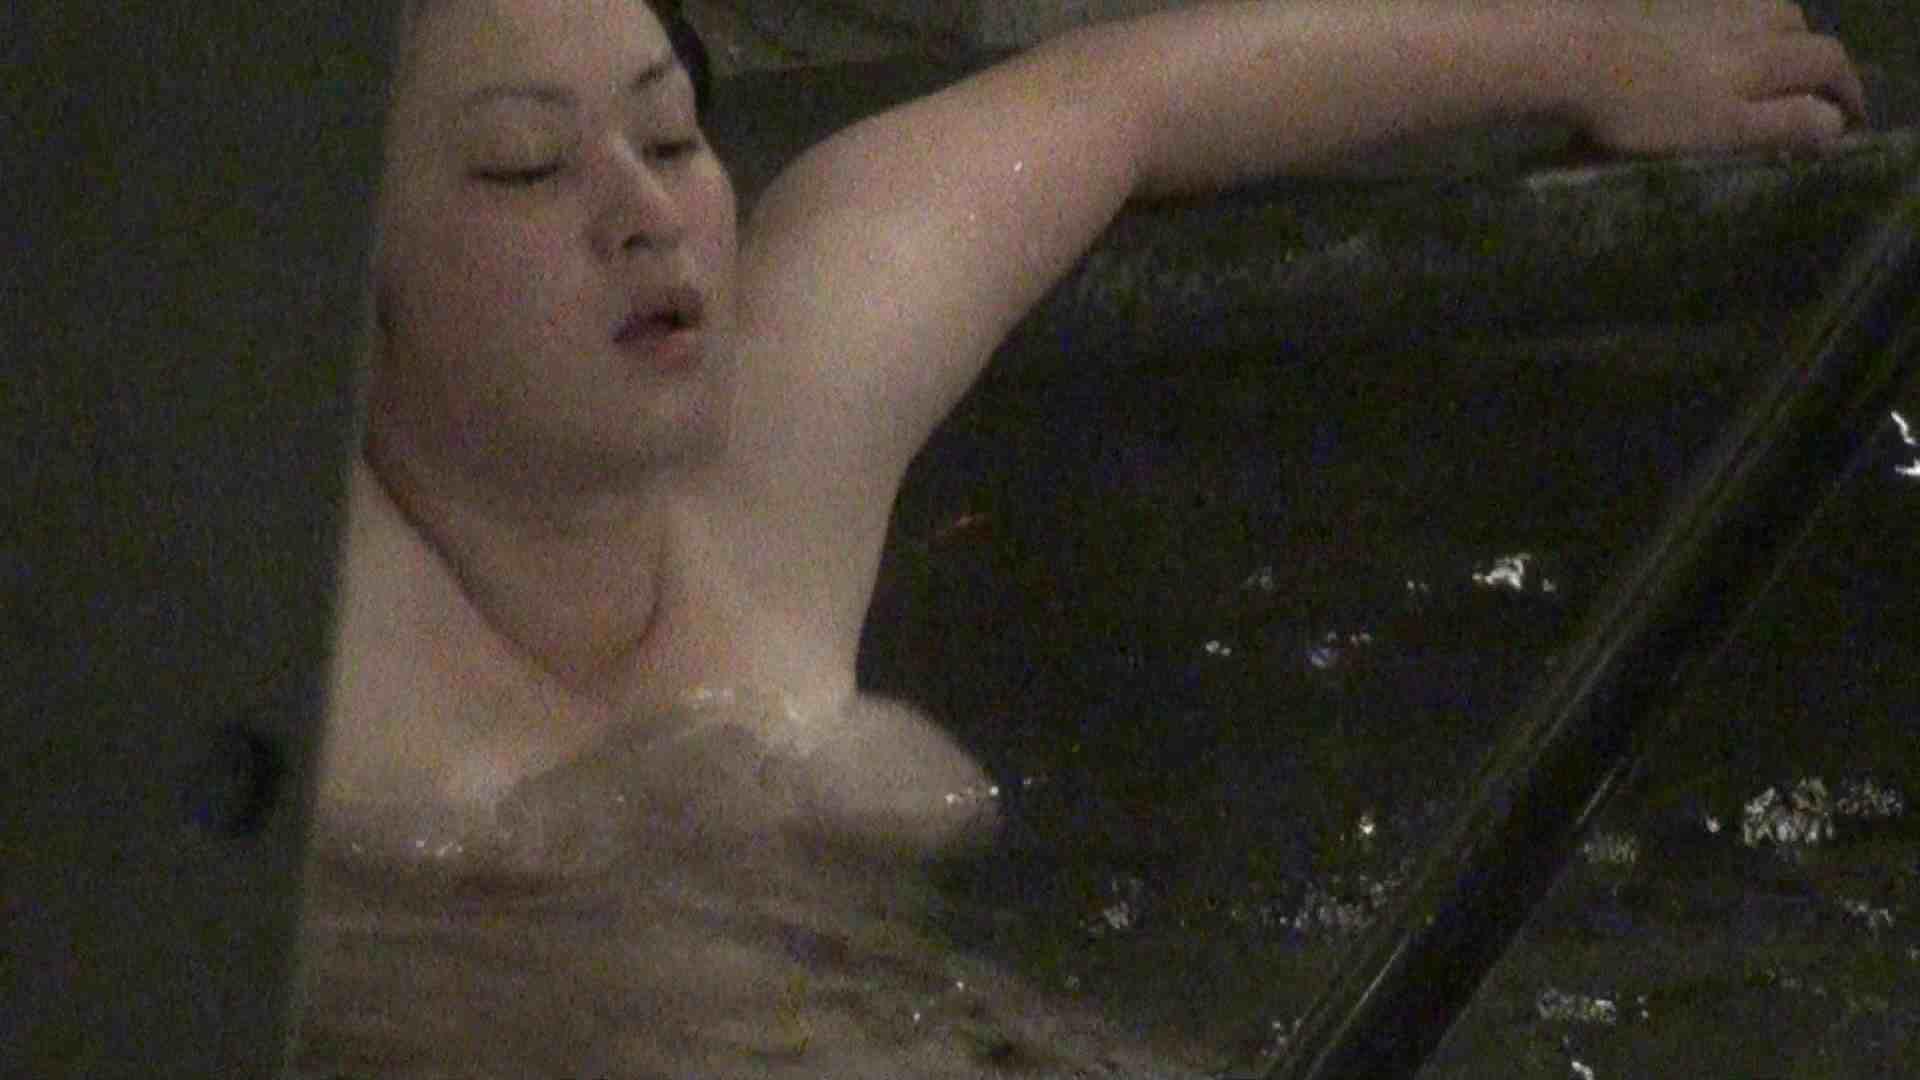 Aquaな露天風呂Vol.338 HなOL おめこ無修正動画無料 101pic 72